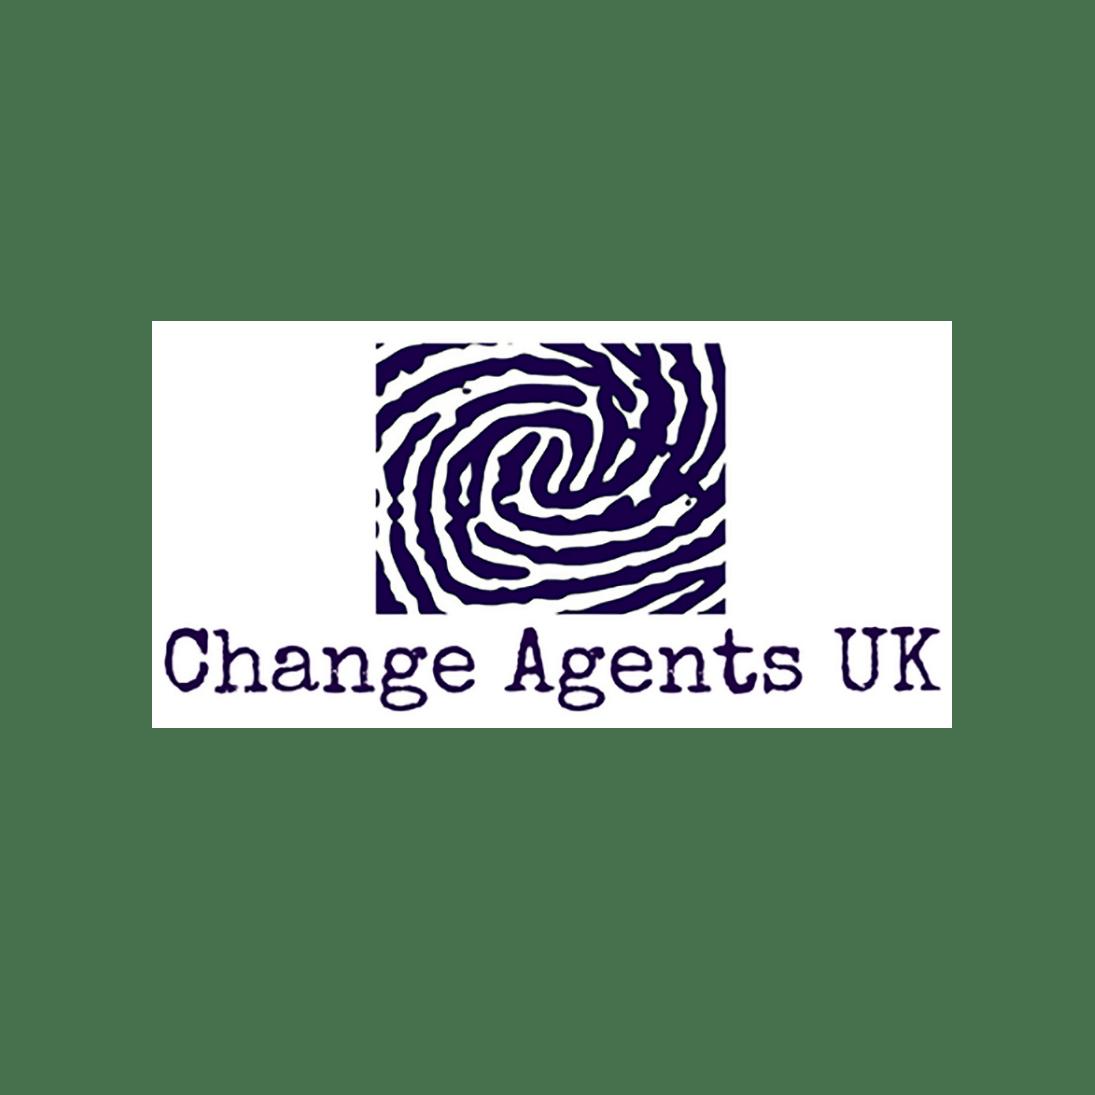 Change Agents UK